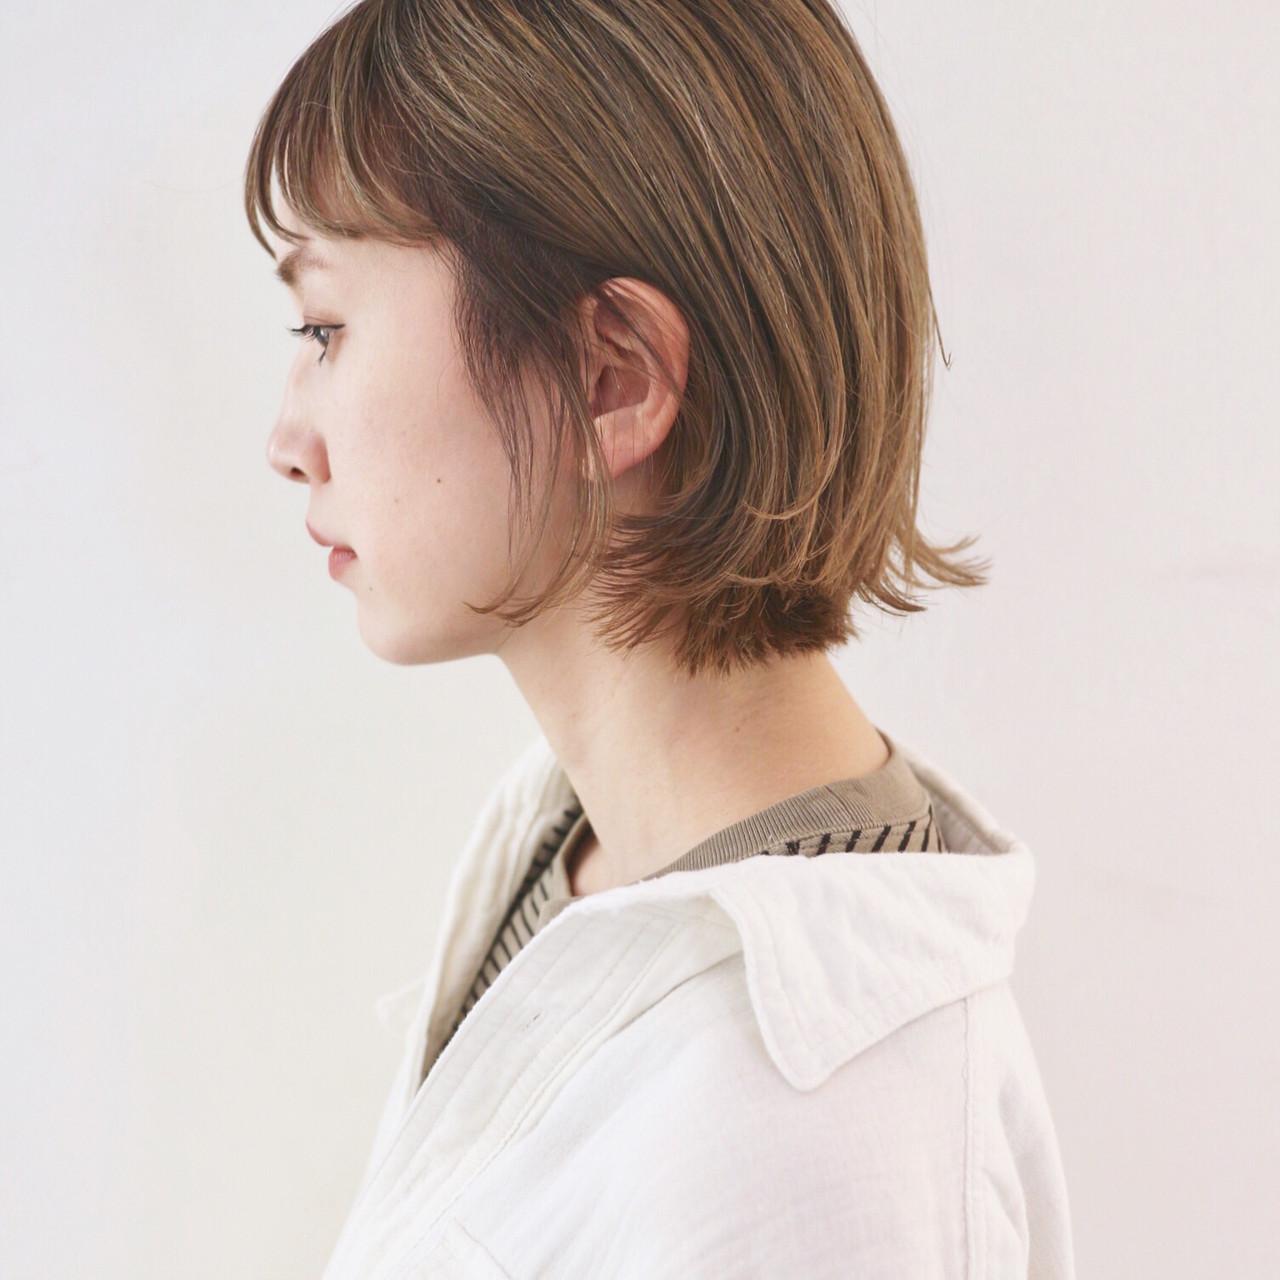 ボブ ハイトーン 外国人風カラー グレージュ ヘアスタイルや髪型の写真・画像 | 三好 佳奈美 / Baco.(バコ)